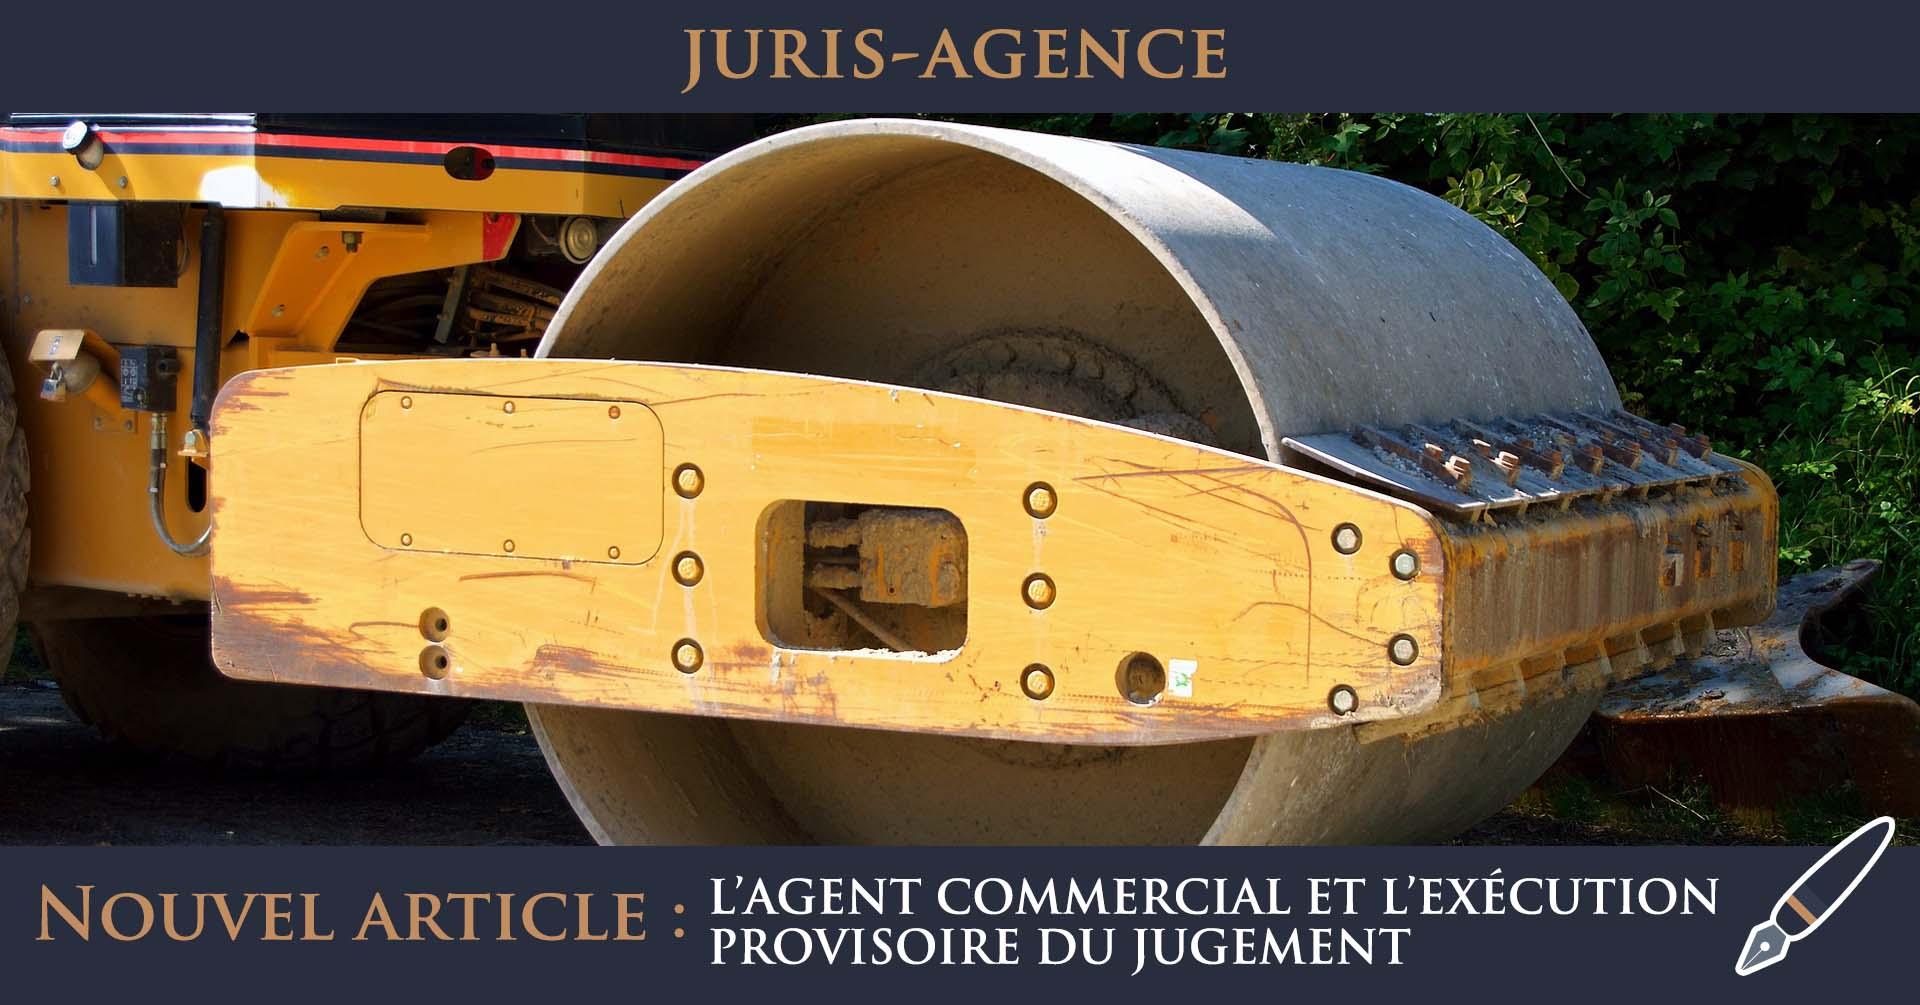 agent commercial exécution provisoire jugement